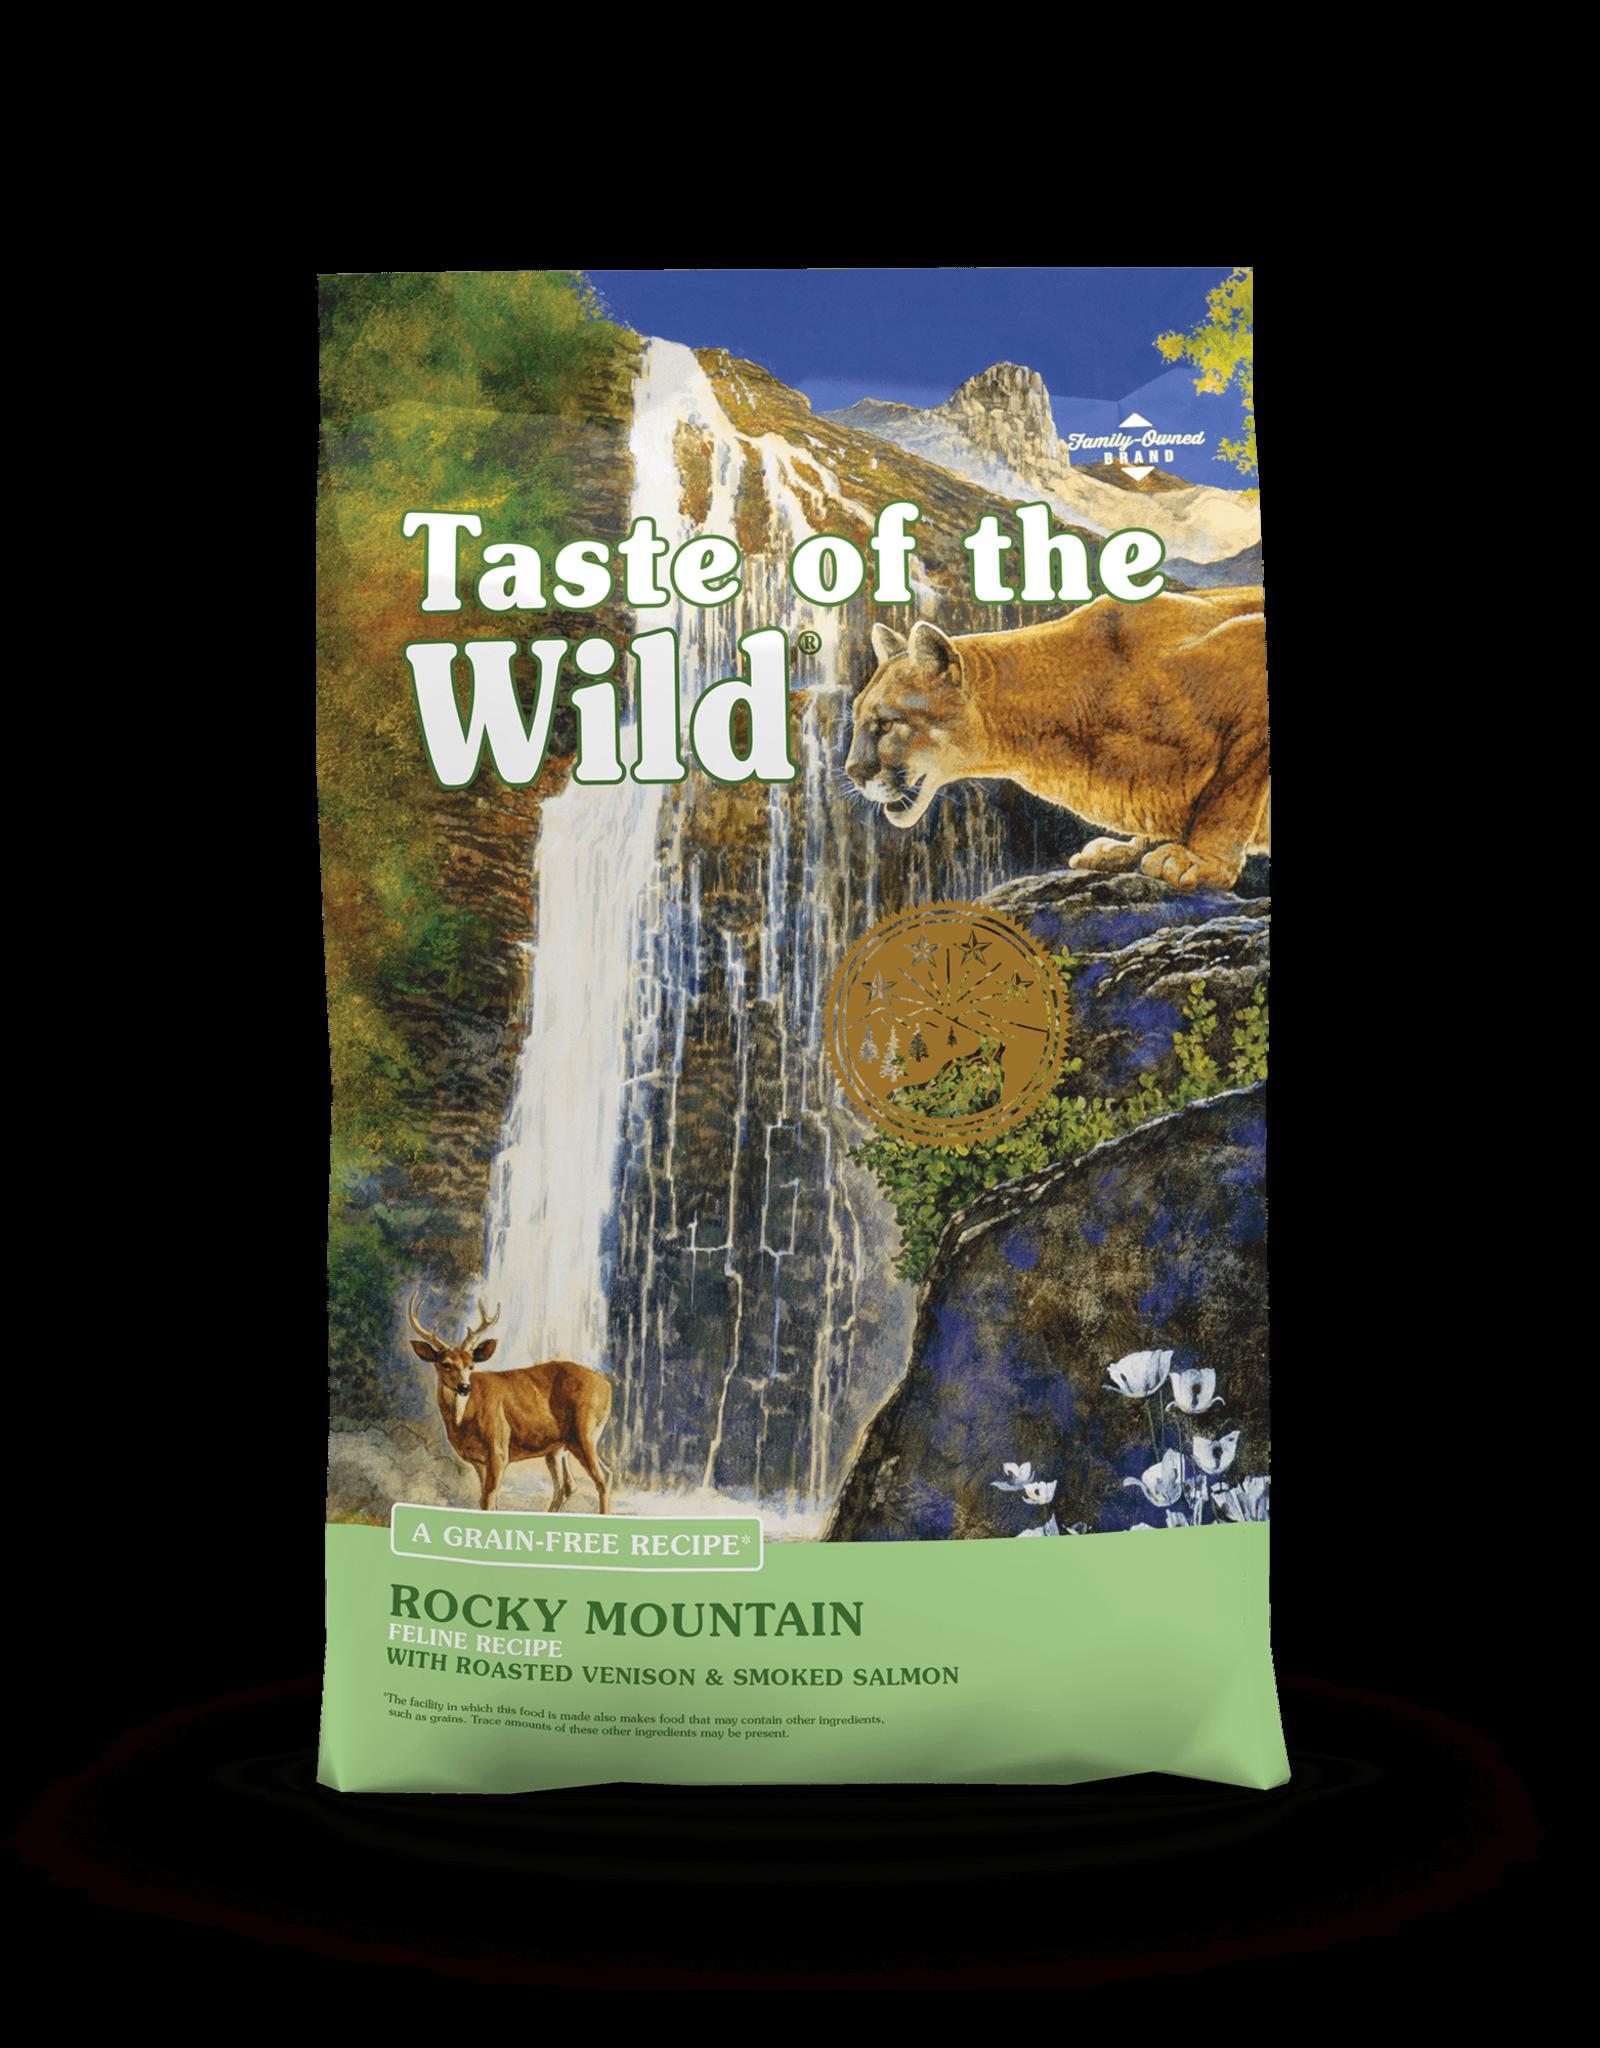 Taste of the Wild Pet Food Cat Rocky Mountain Feline - Grain-Free 5lb